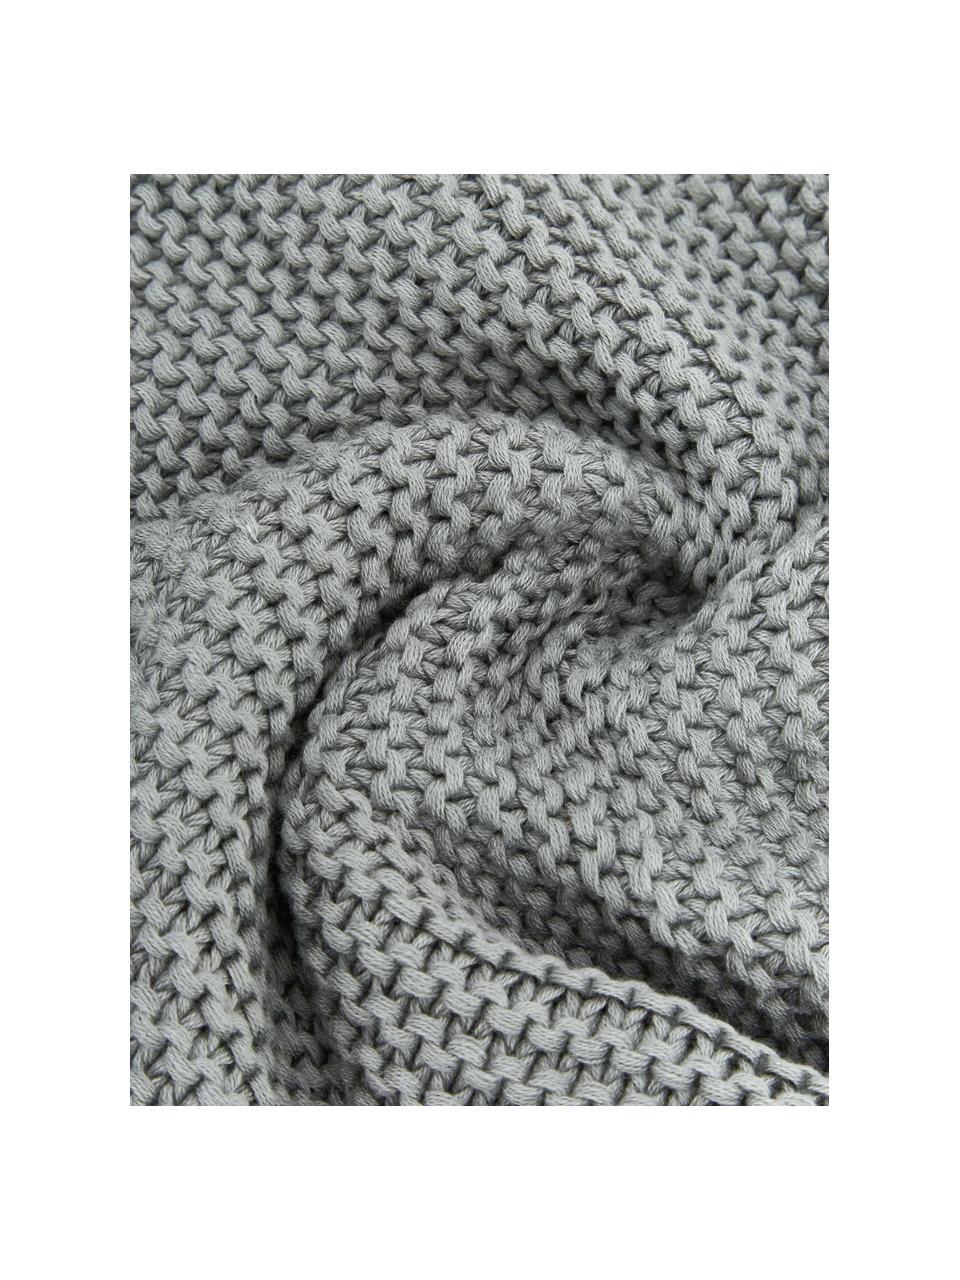 Poszewka na poduszkę z bawełny organicznej  Adalyn, 100% bawełna organiczna, certyfikat GOTS, Szałwiowy zielony, S 60 x D 60 cm